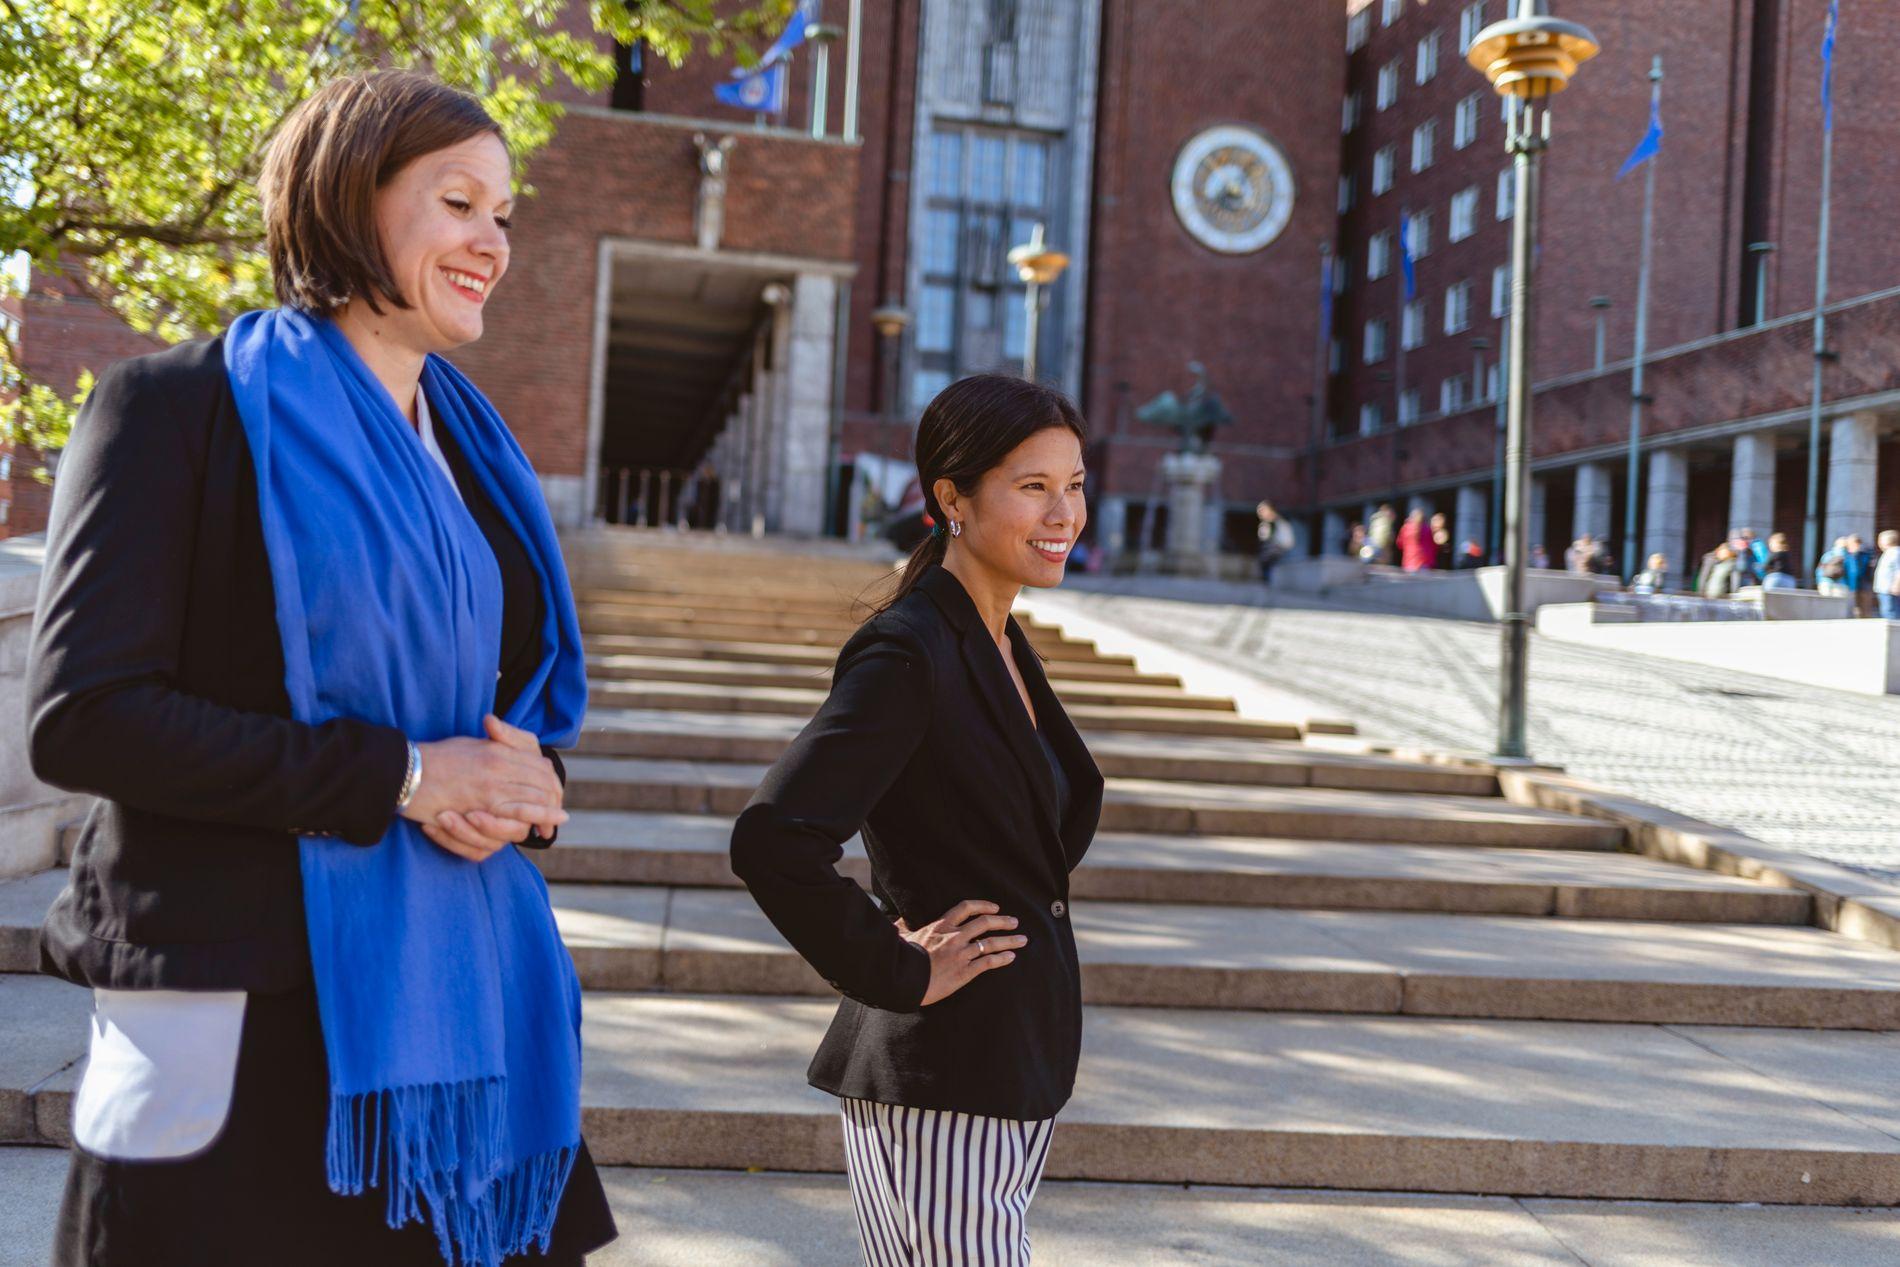 FORTSETTER KAMPEN: MDGs listetopper Lan Marie Nguyen Berg og Hanna Marcussen vil gire opp tempoet når det kommer til det utbyggingen av veinettet.